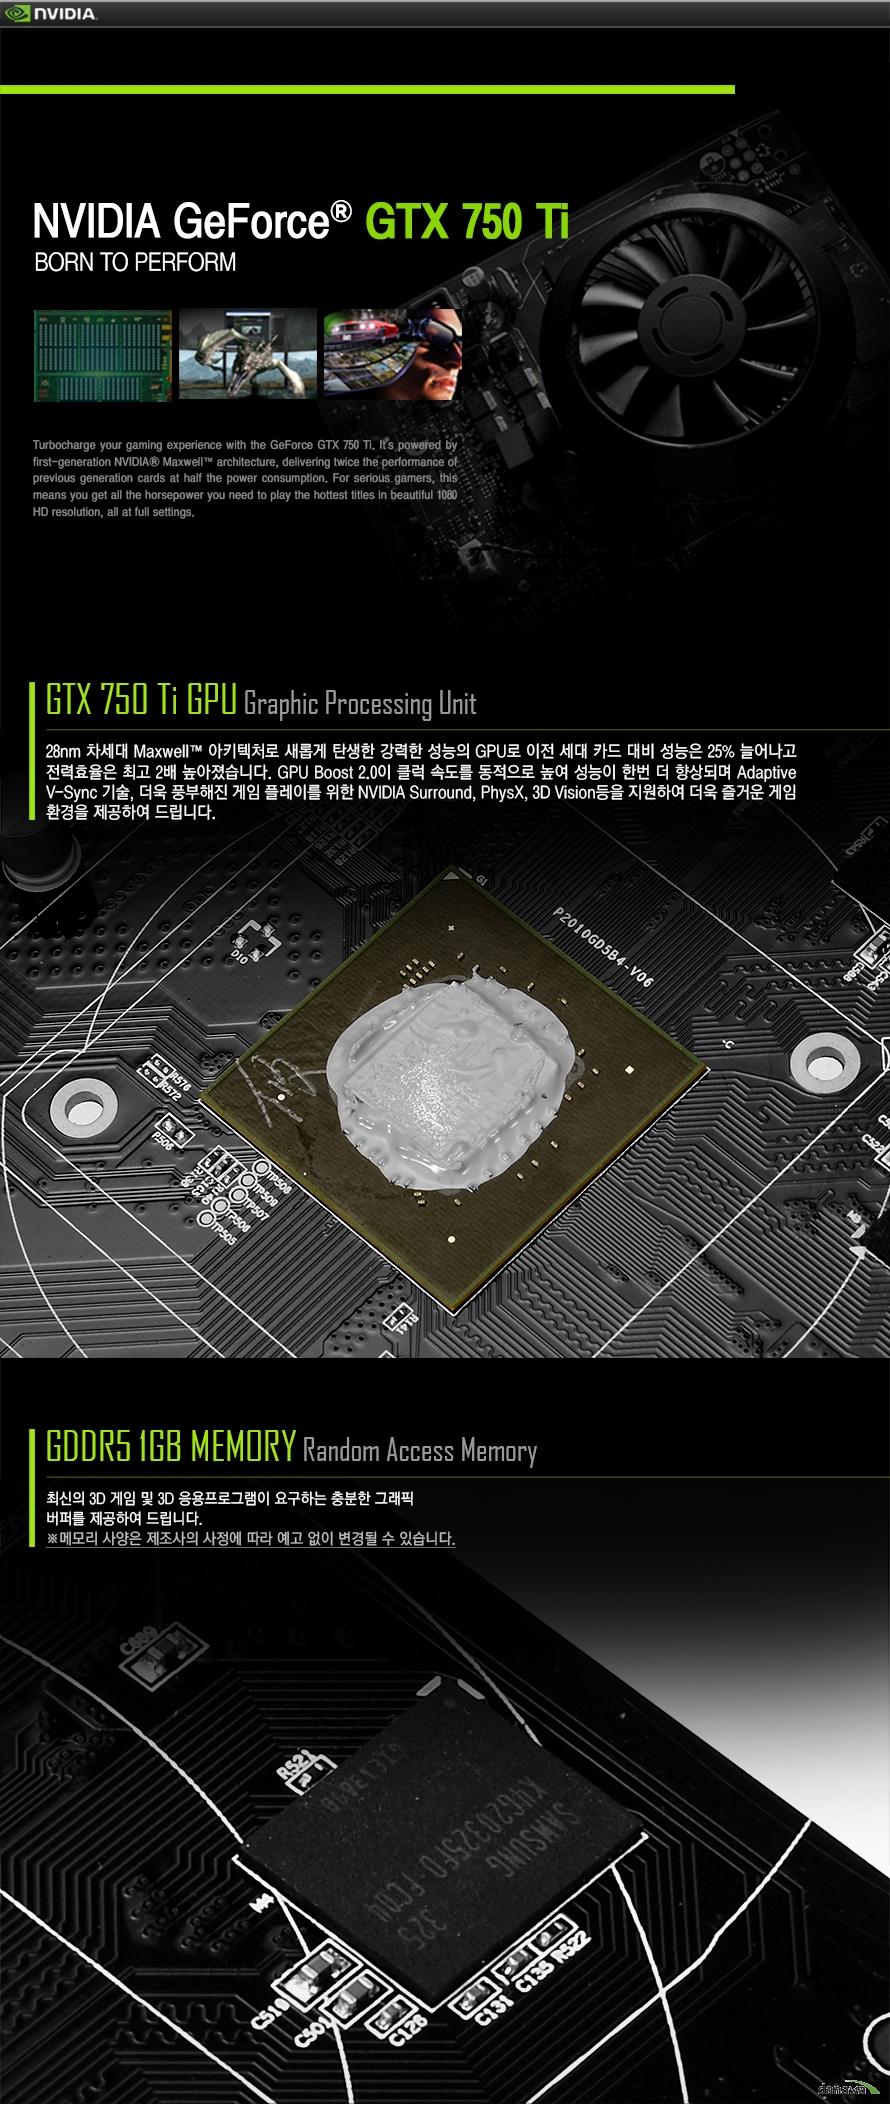 엔비디아 지포스 gtx 750 tiGTX 750ti GPU Graphic Processing Unit28nm 차세대 Maxwell 아키텍처로 새롭게 탄생한 강력한 성능의 GPU로 이전 세대 카드 대비 성능은 25% 늘어나고 전력효율은 최고 2배 높아졌습니다. GPU Boost 2.0이 클럭 속도를 동적으로 높여 성능이 한번 더 향상되며 Adaptive V-Sync 기술, 더욱 풍부해진 게임 플레이를 위한 NVIDIA Surround, PhysX, 3D Vision등을 지원하여 더욱 즐거운 게임 환경을 제공하여 드립니다.GDDR5 1GB MEMORY Random Access Memory최신의 3D 게임 및 3D 응용프로그램이 요구하는 충분한 그래픽 버퍼를 제공하여 드립니다.메모리 사양은 제조사의 사정에 따라 예고 없이 변경될 수 있습니다.